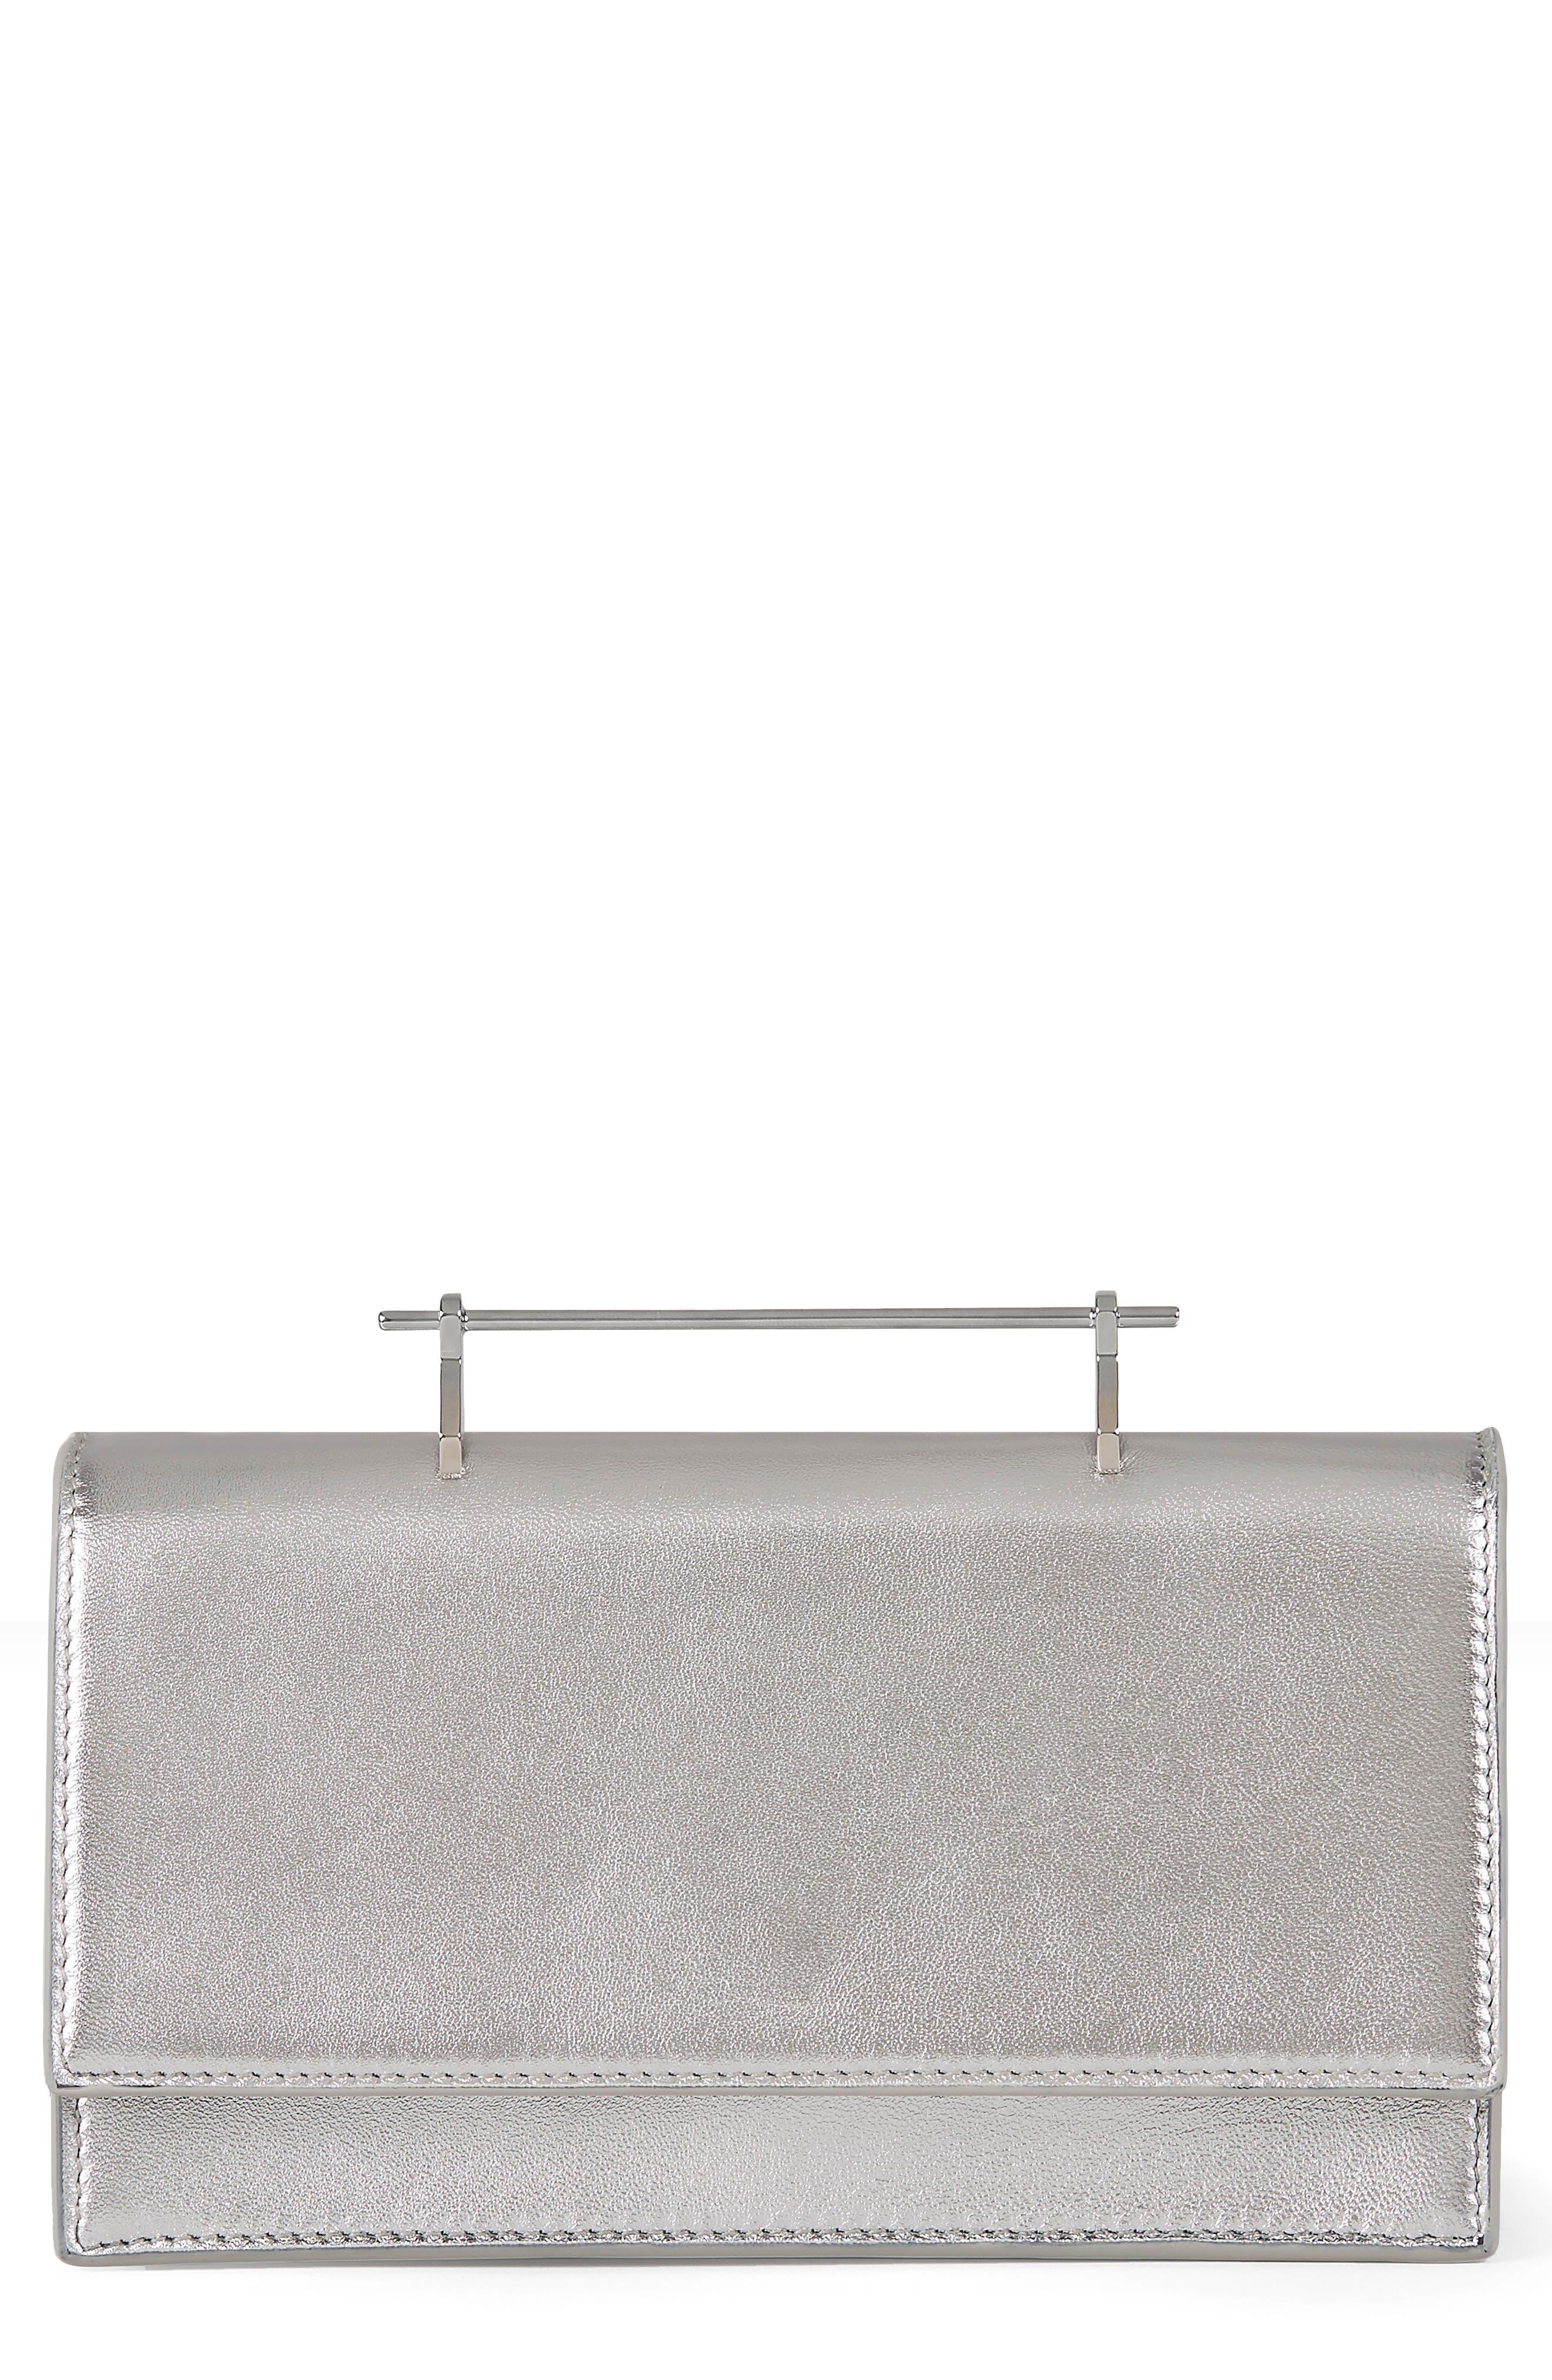 Alexia Metallic Leather Shoulder Bag,                         Main,                         color, Metallic Silver/ Silver